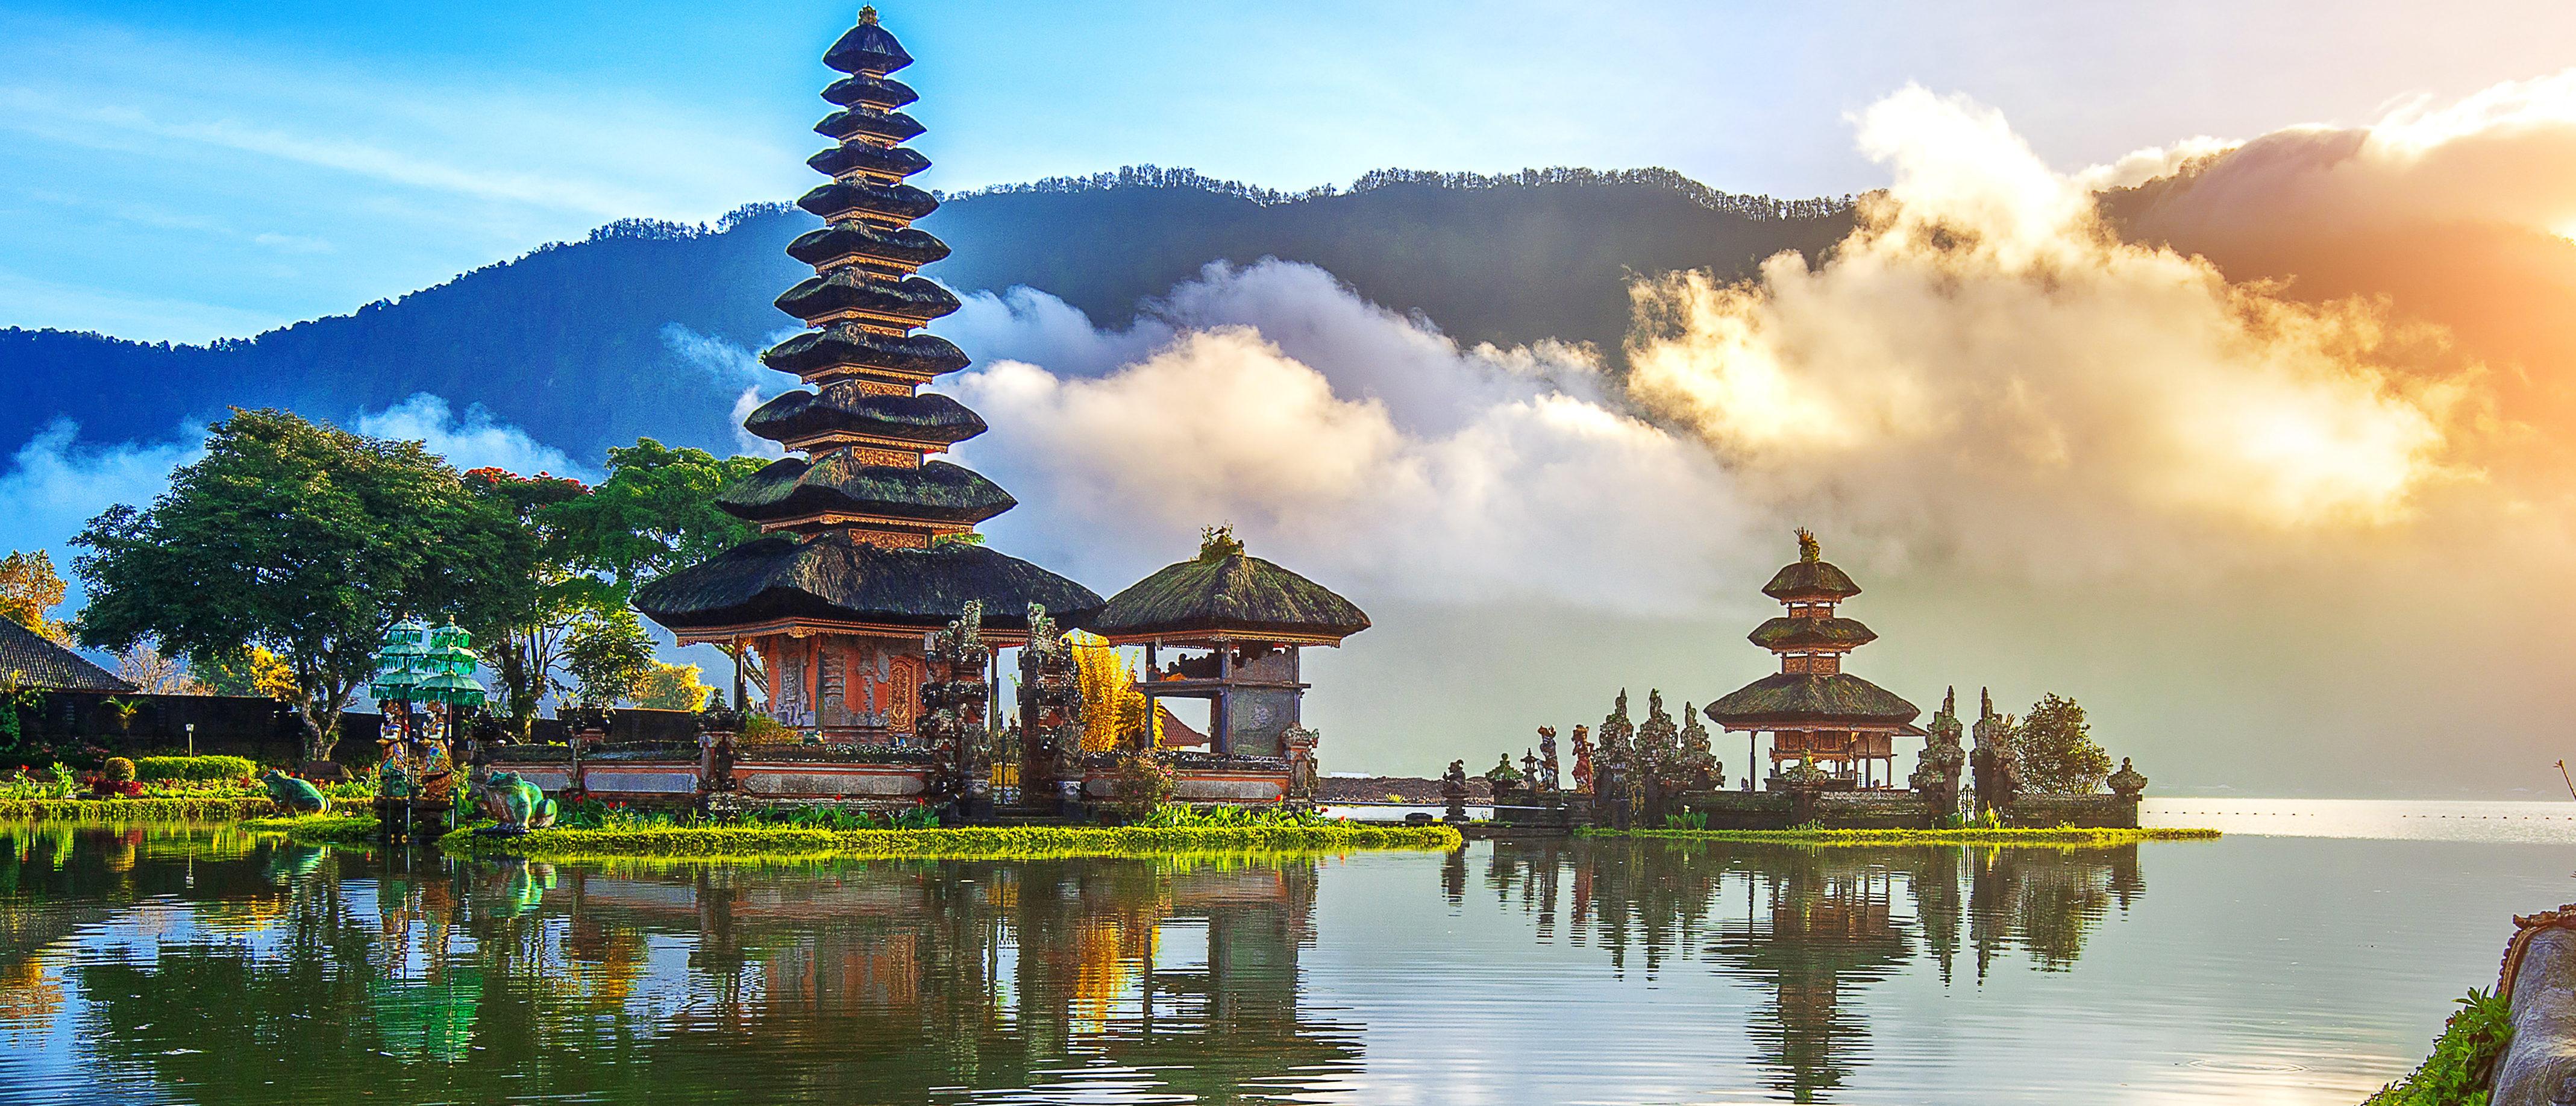 Pura ulun danu bratan temple in Bali, indonesia. (Shutterstock)